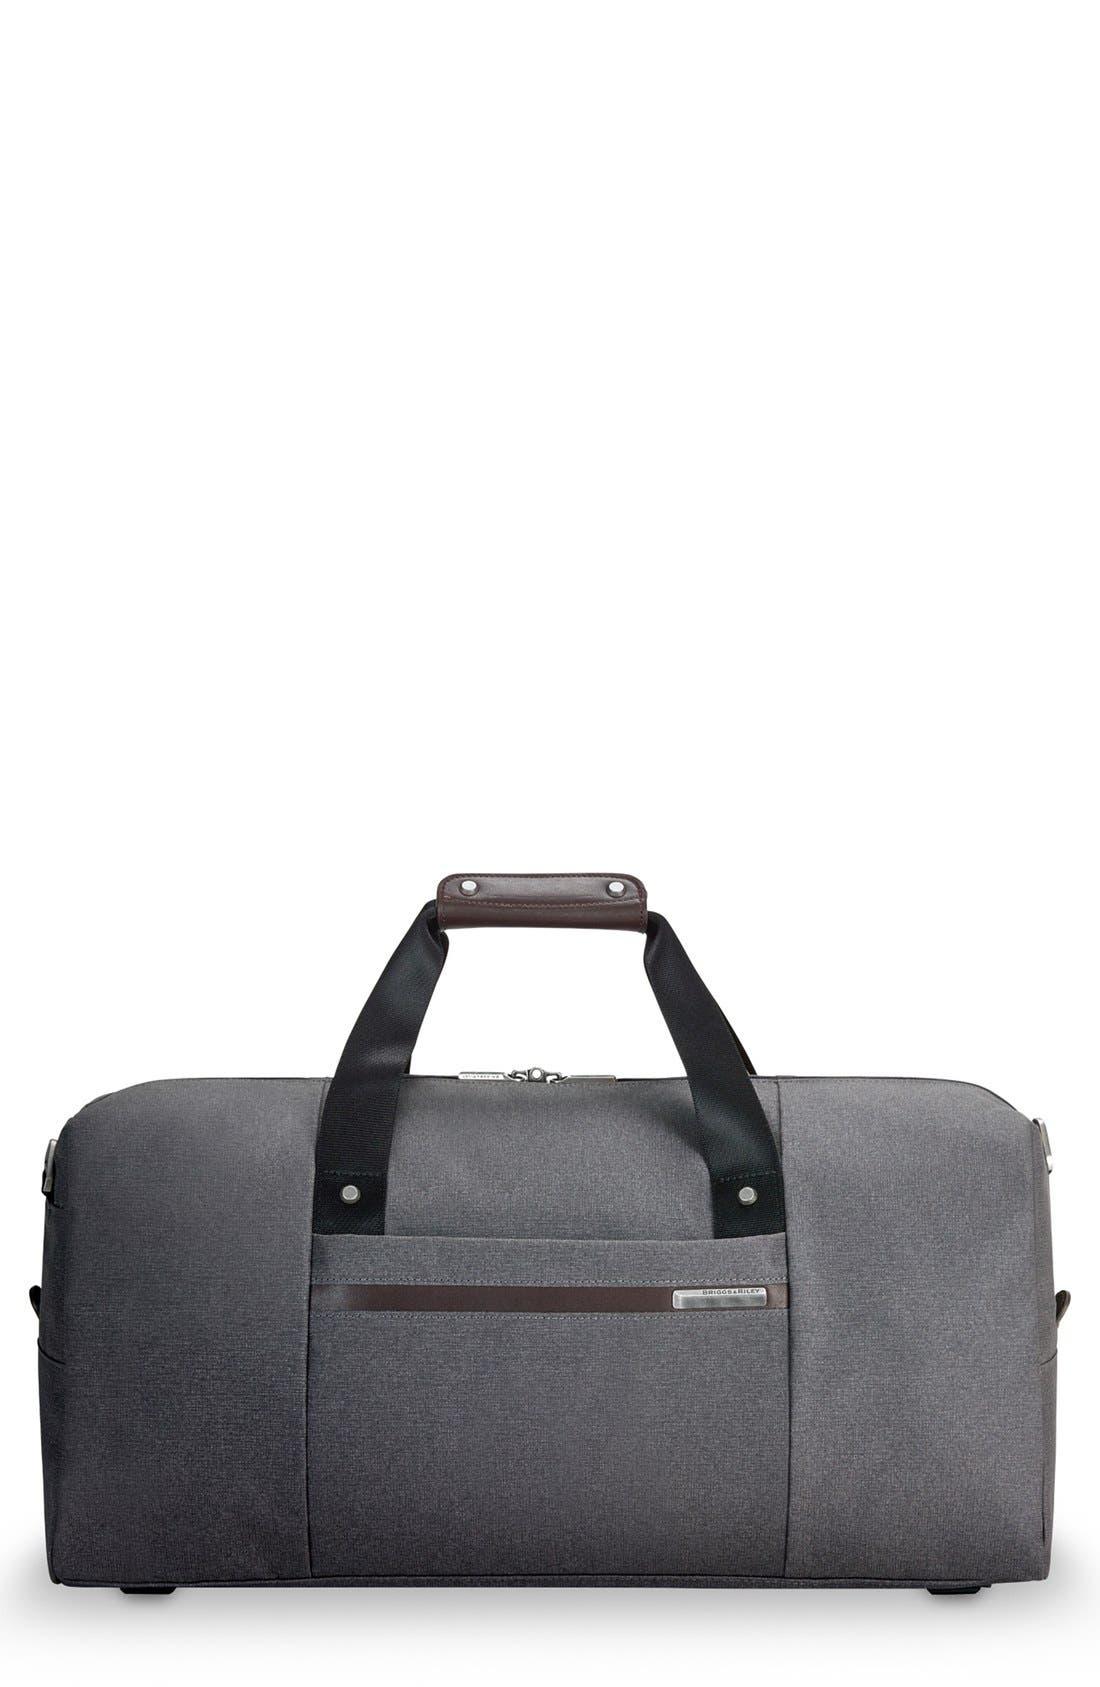 Briggs & Riley 'Kinzie Street - Simple' Duffel Bag